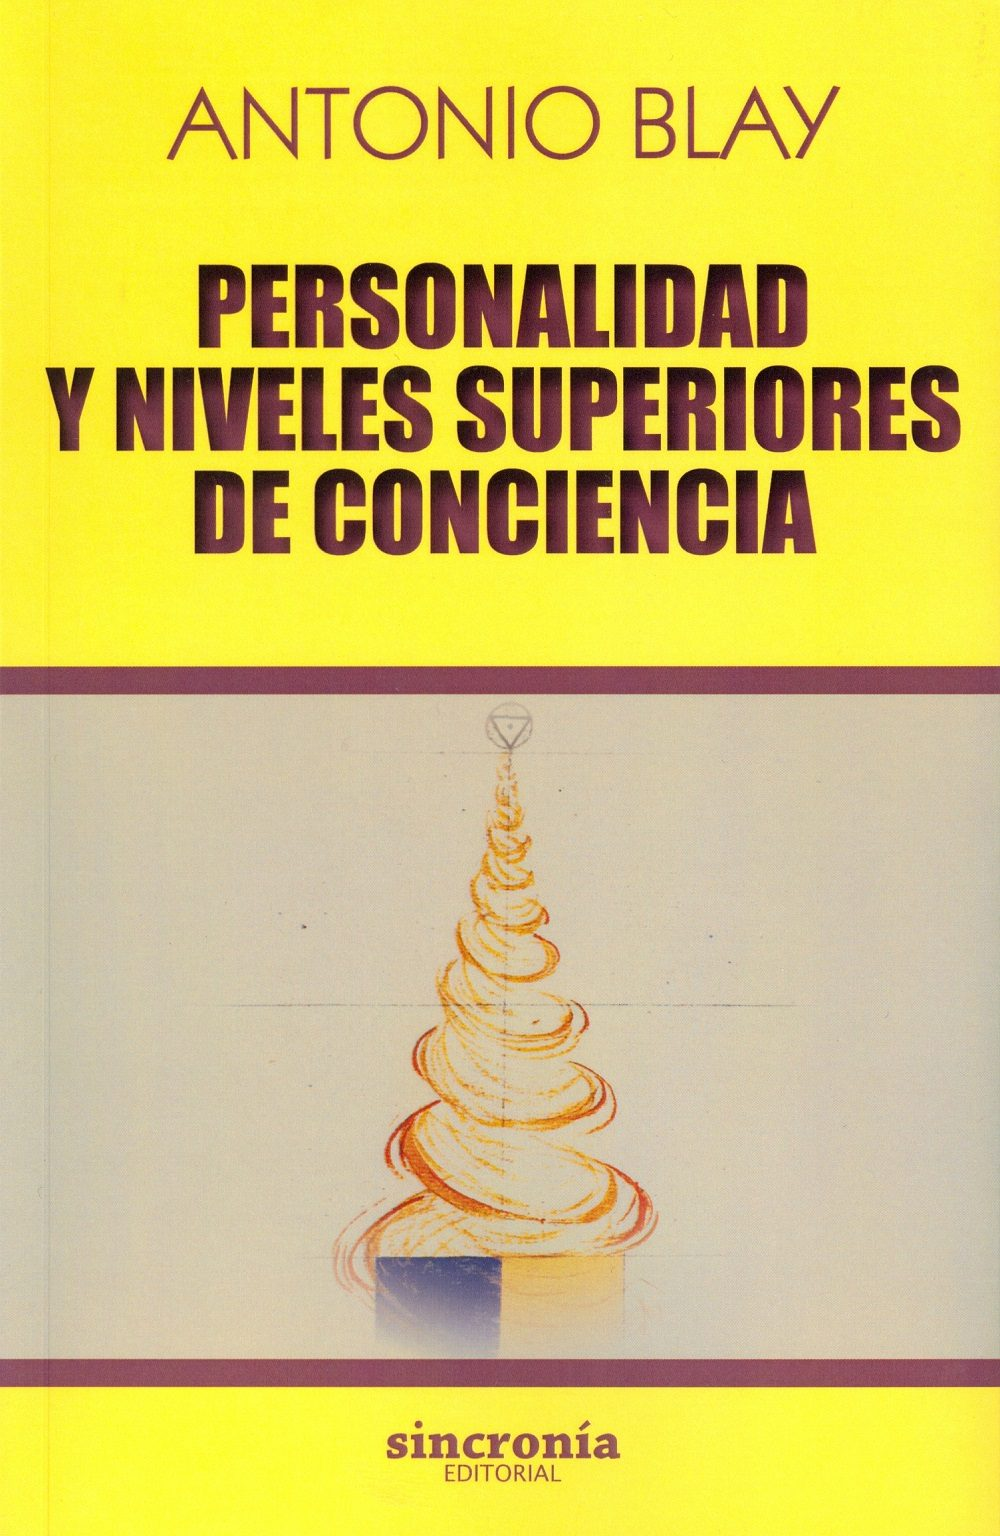 Personalidad Y Niveles Superiores De Conciencia por Antonio Blay